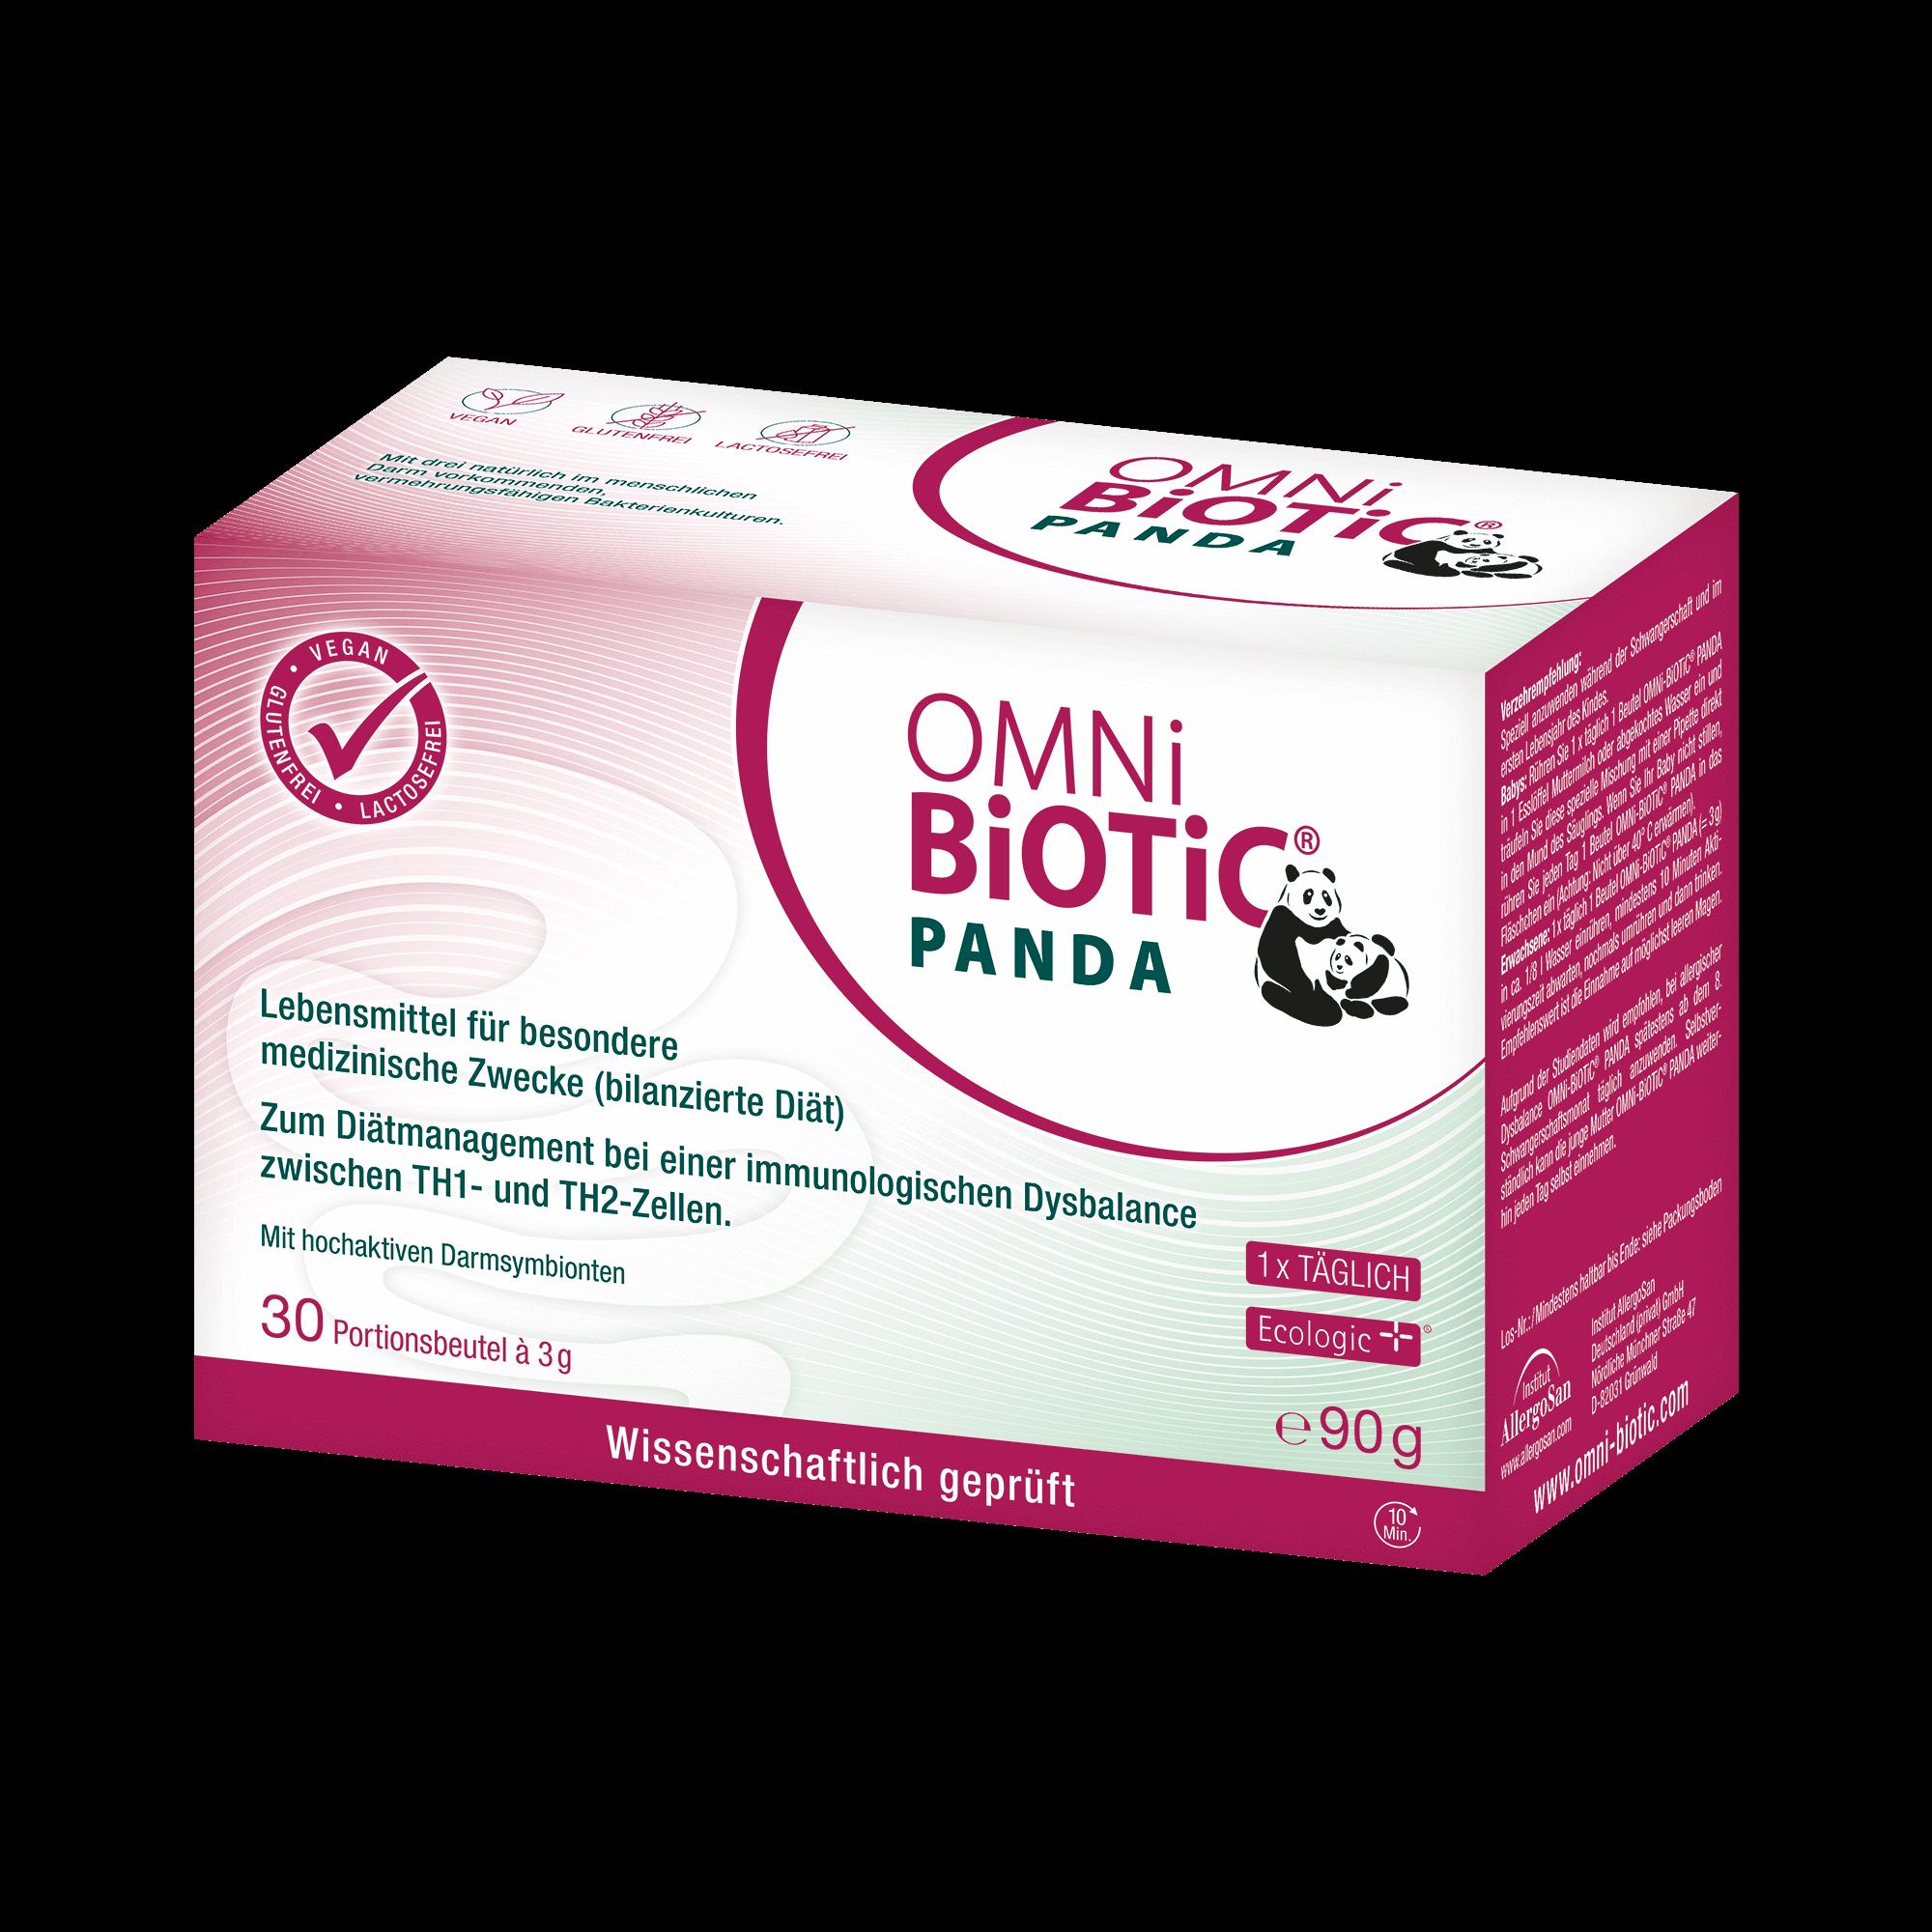 Packshot OMNi-BiOTiC® PANDA